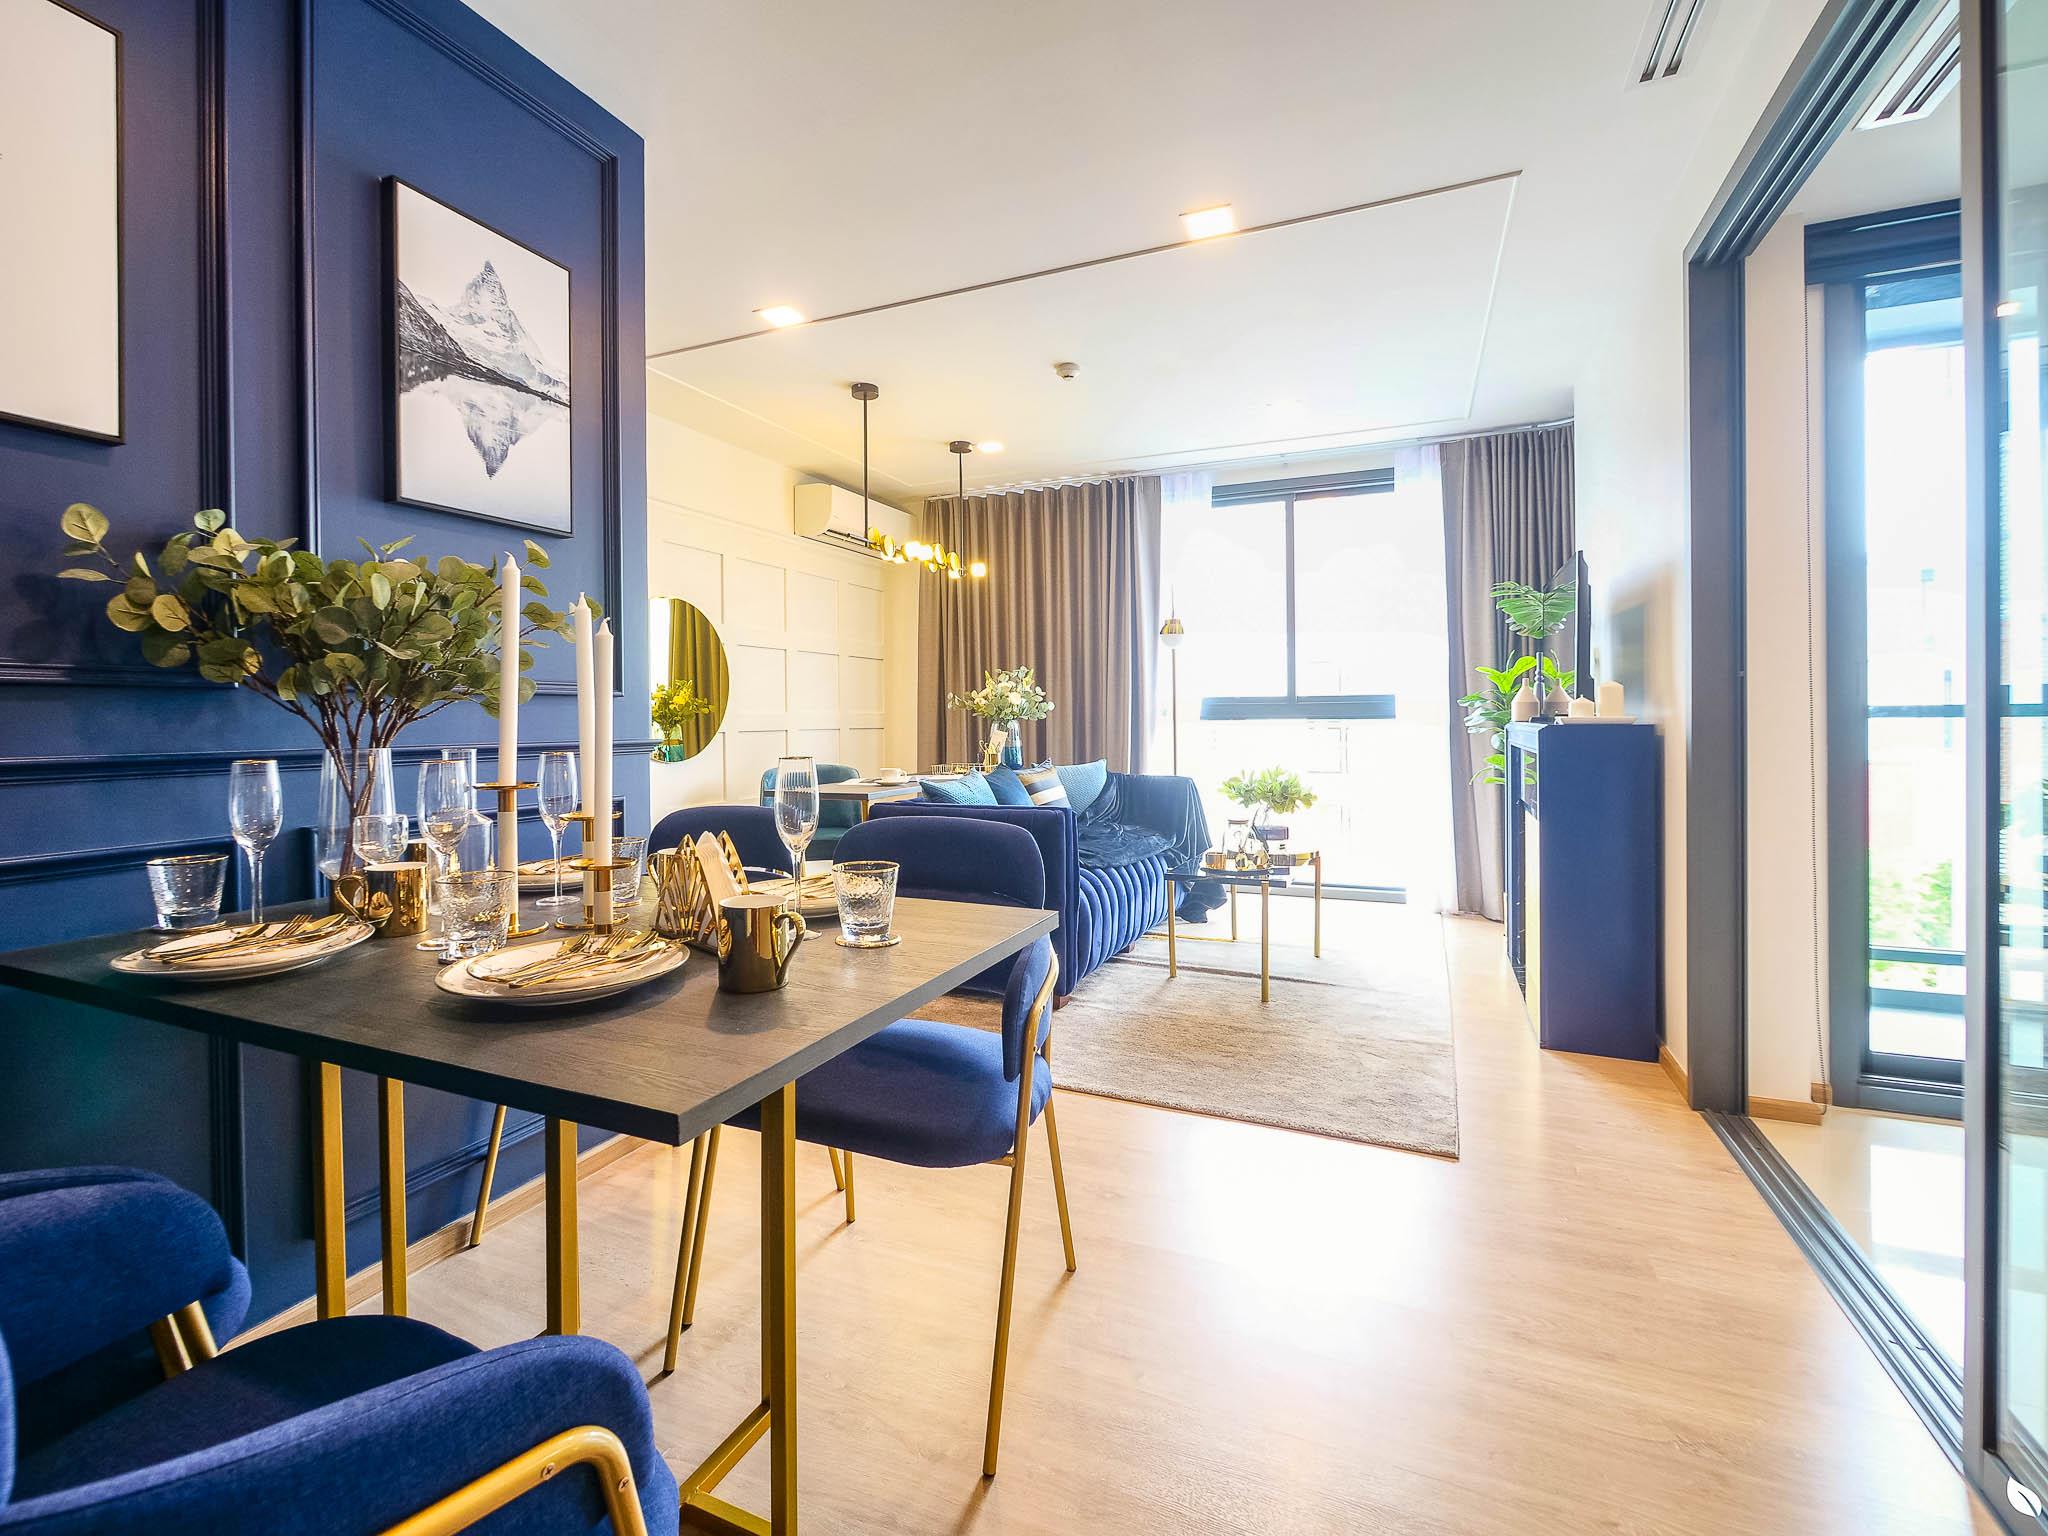 """""""ทากะ เฮาส์"""" (STAY UNIQUE, STAY DIVERSE) ตอบโจทย์การใช้ชีวิตที่ปรับเปลี่ยนได้ในแบบที่เป็นคุณ 34 - Condominium"""